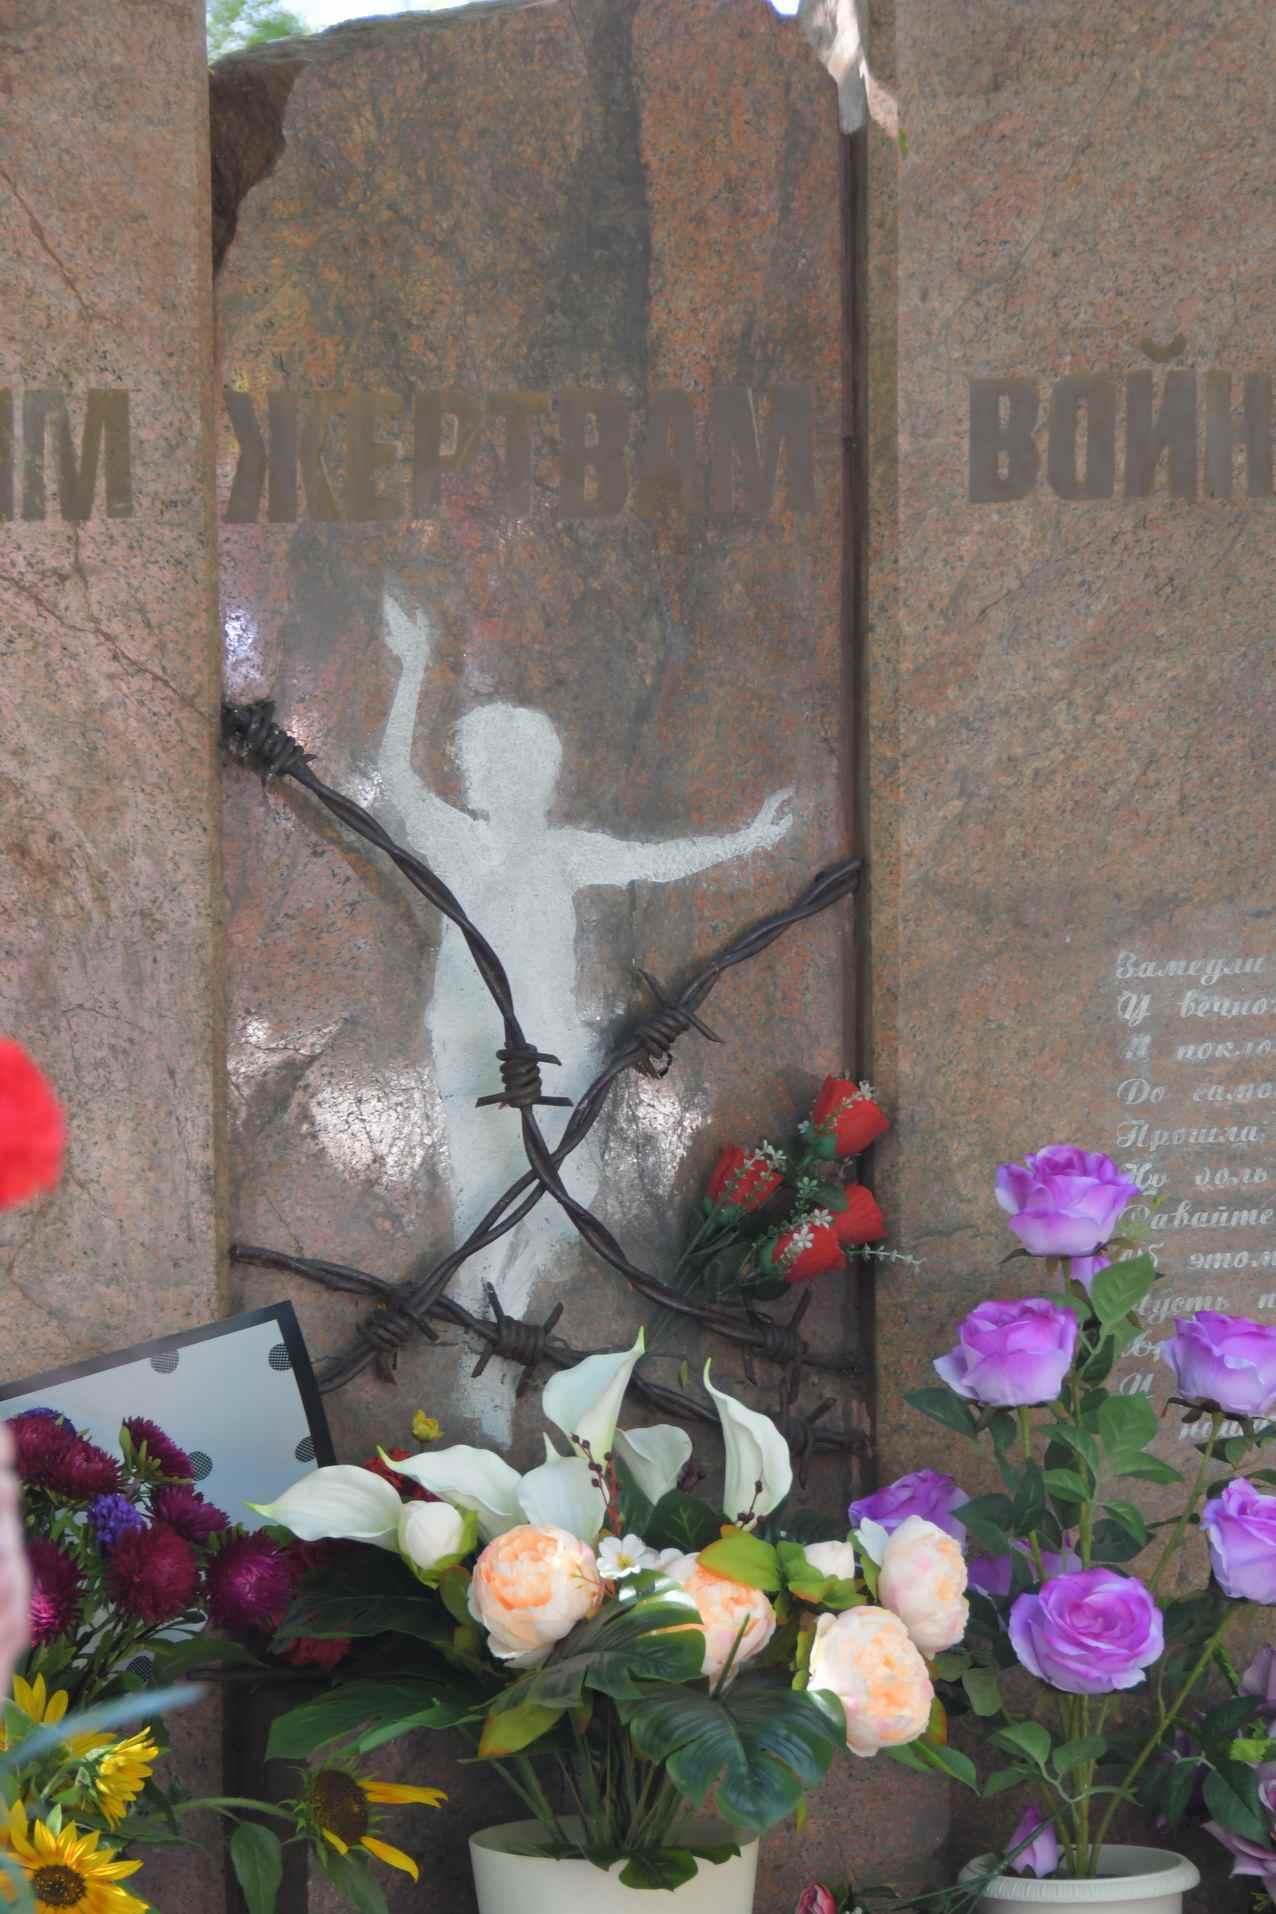 В Новороссийске на Октябрьской площади почтили память безвинно загубленных людей